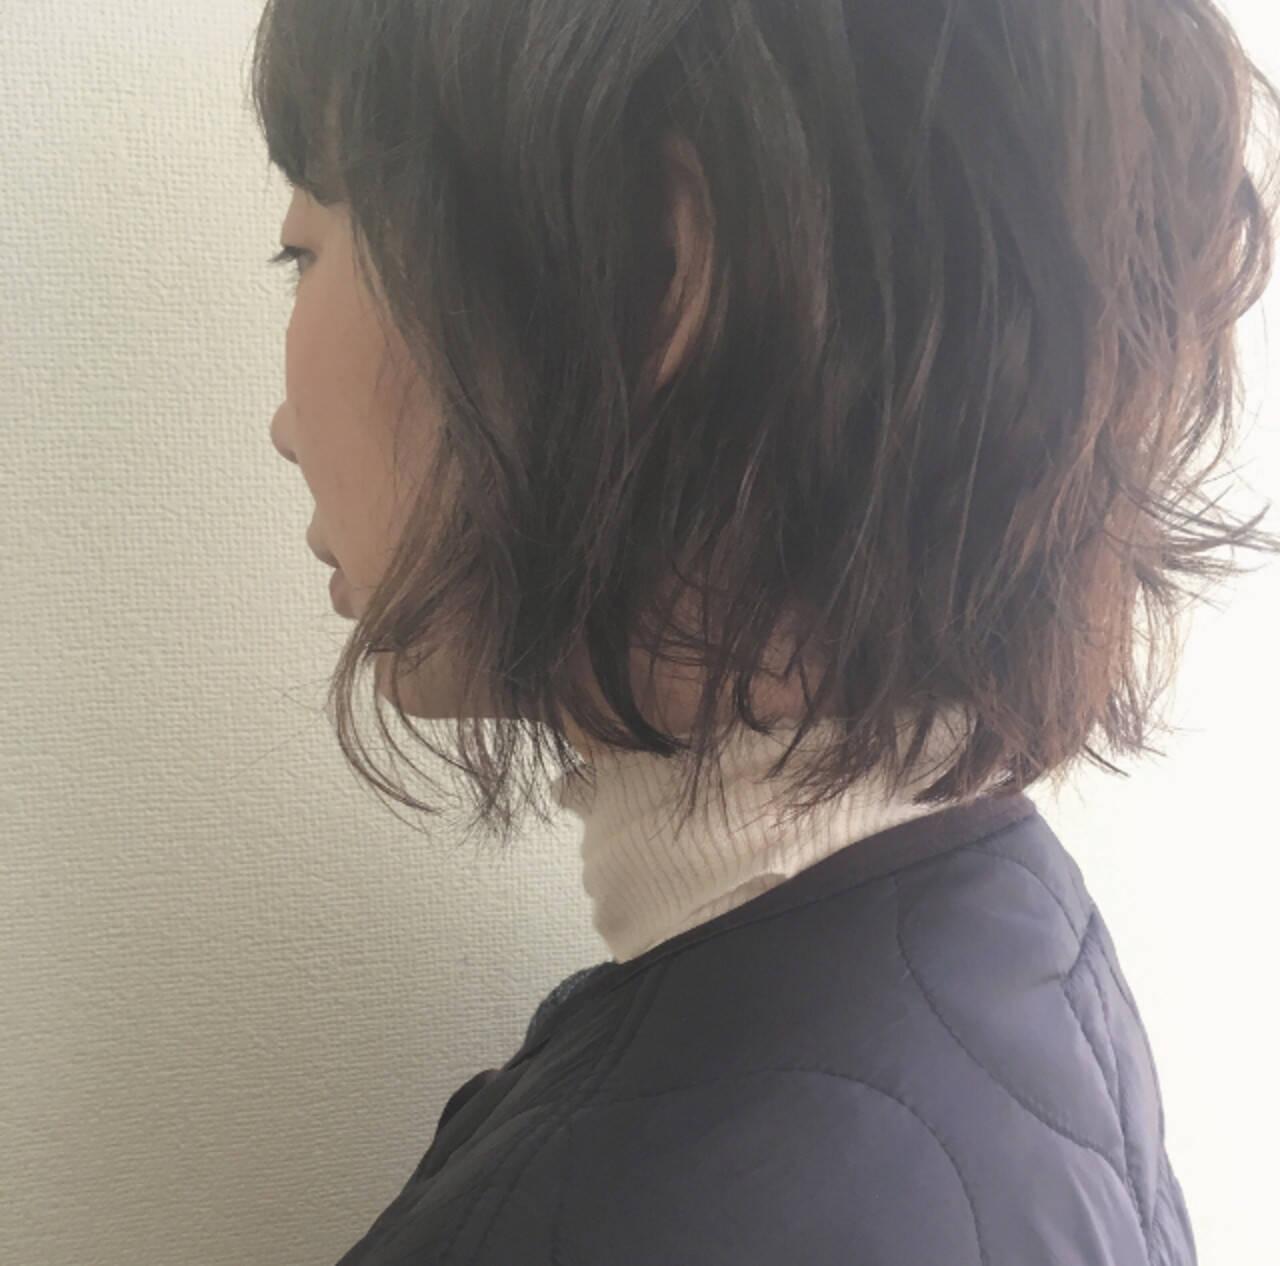 ボブアレンジ 大人かわいい ナチュラル デートヘアスタイルや髪型の写真・画像